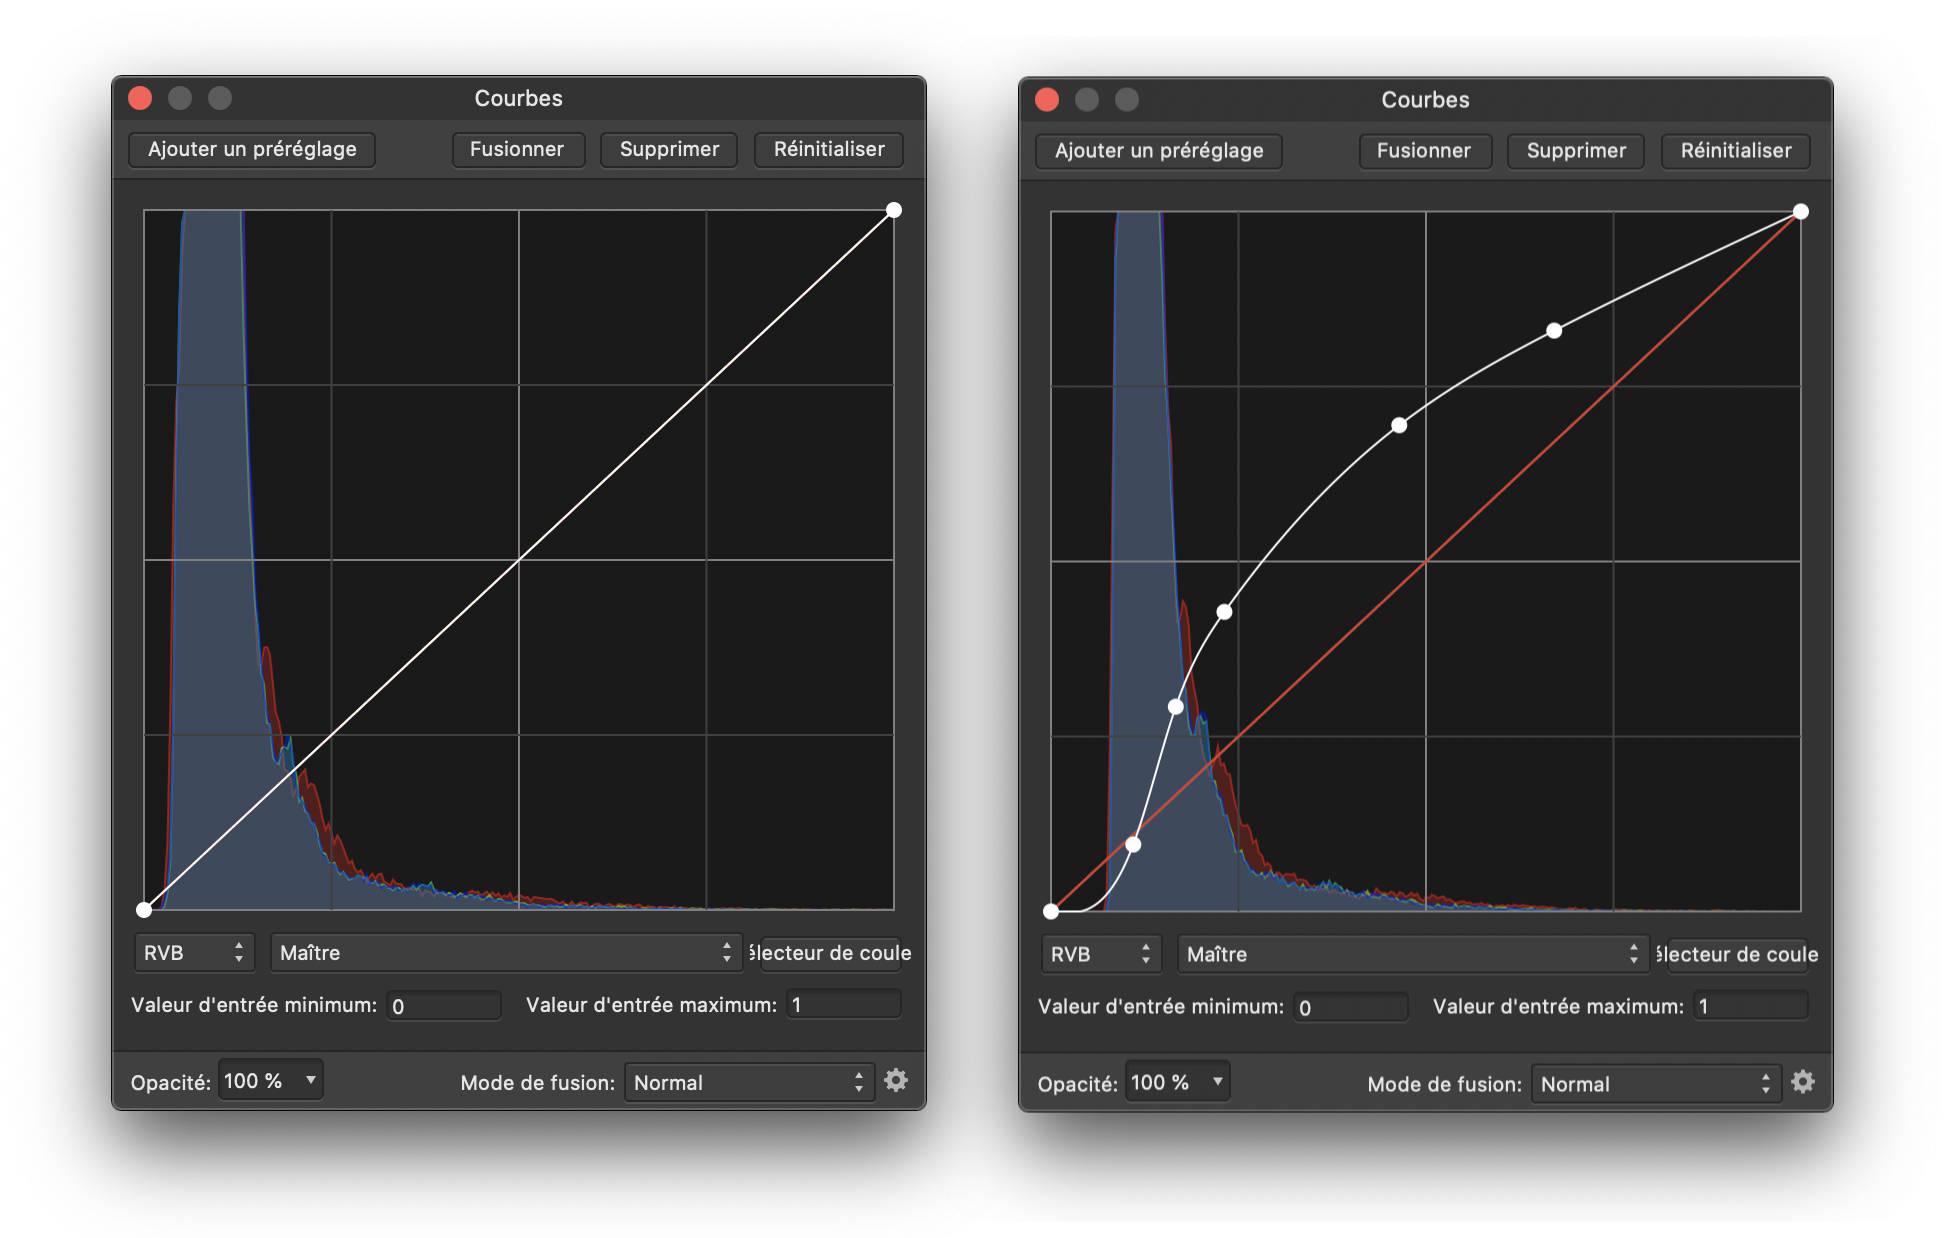 traitement des images Stellina : courbes de tons